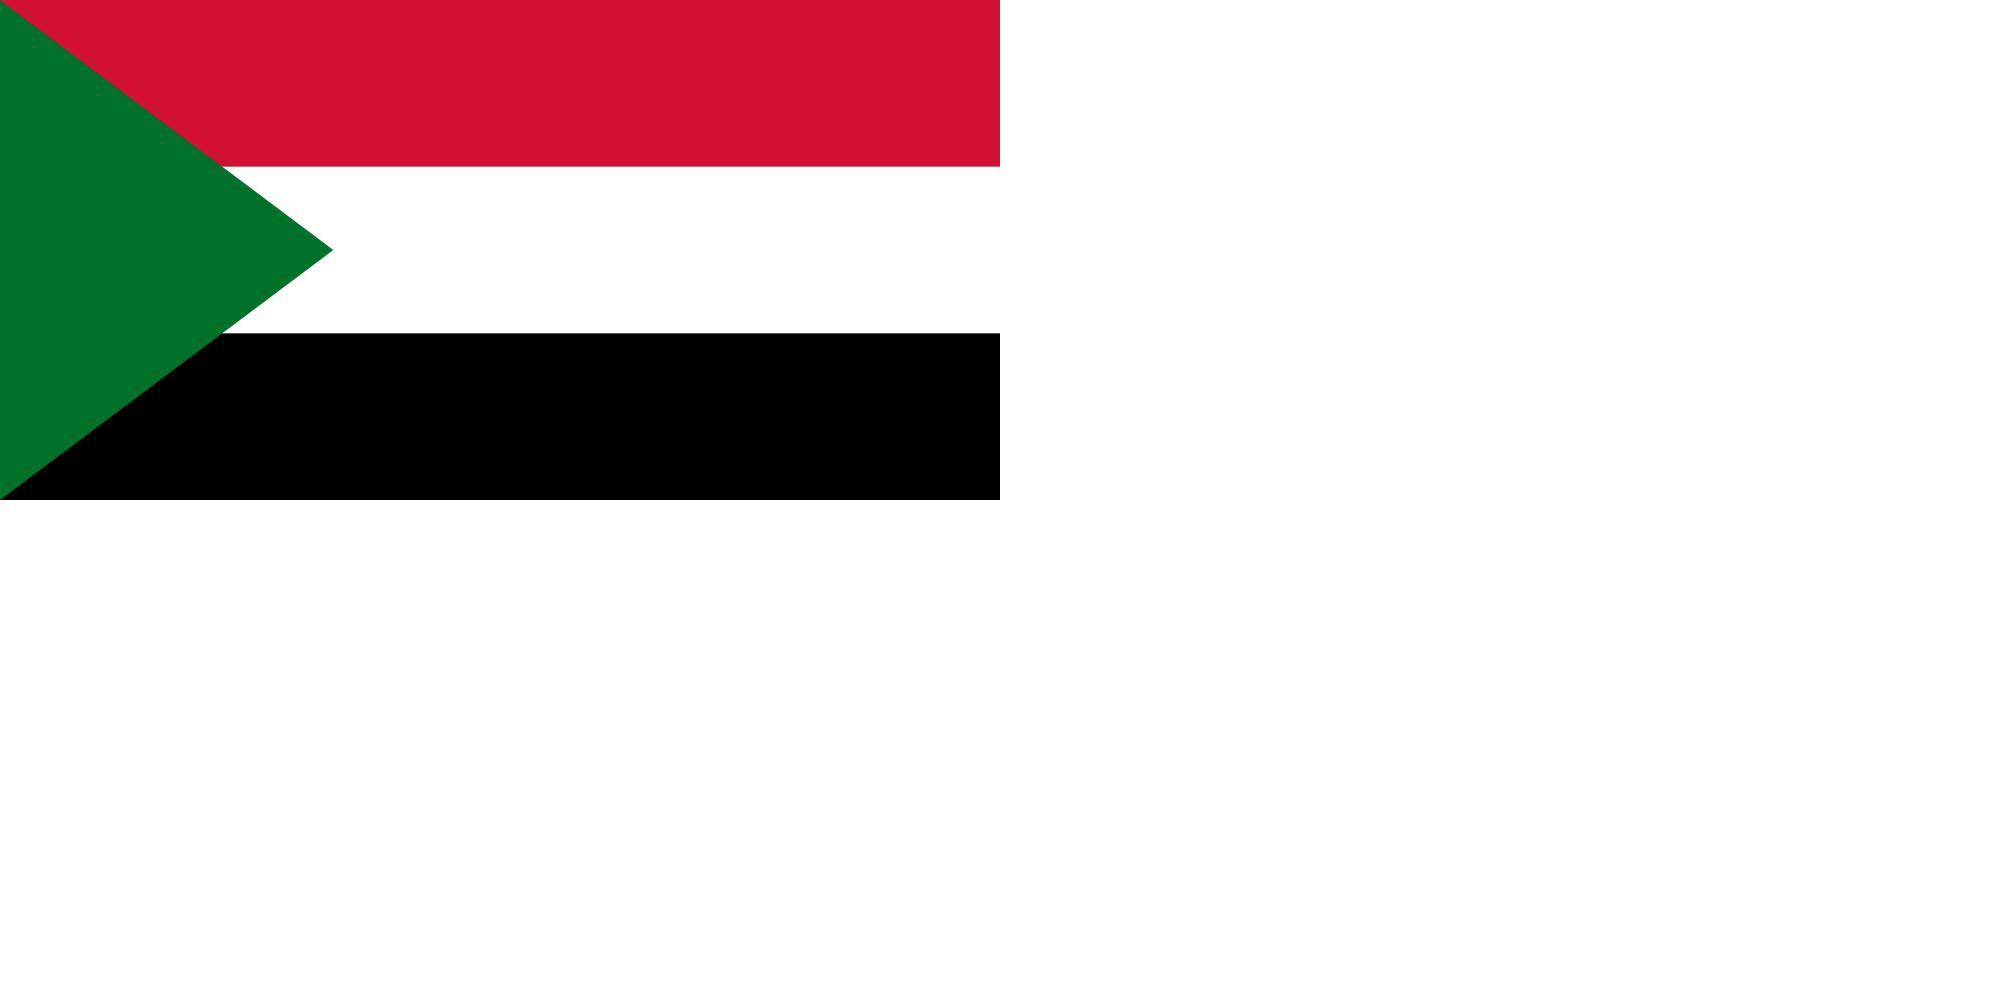 Sudan (Naval ensign)